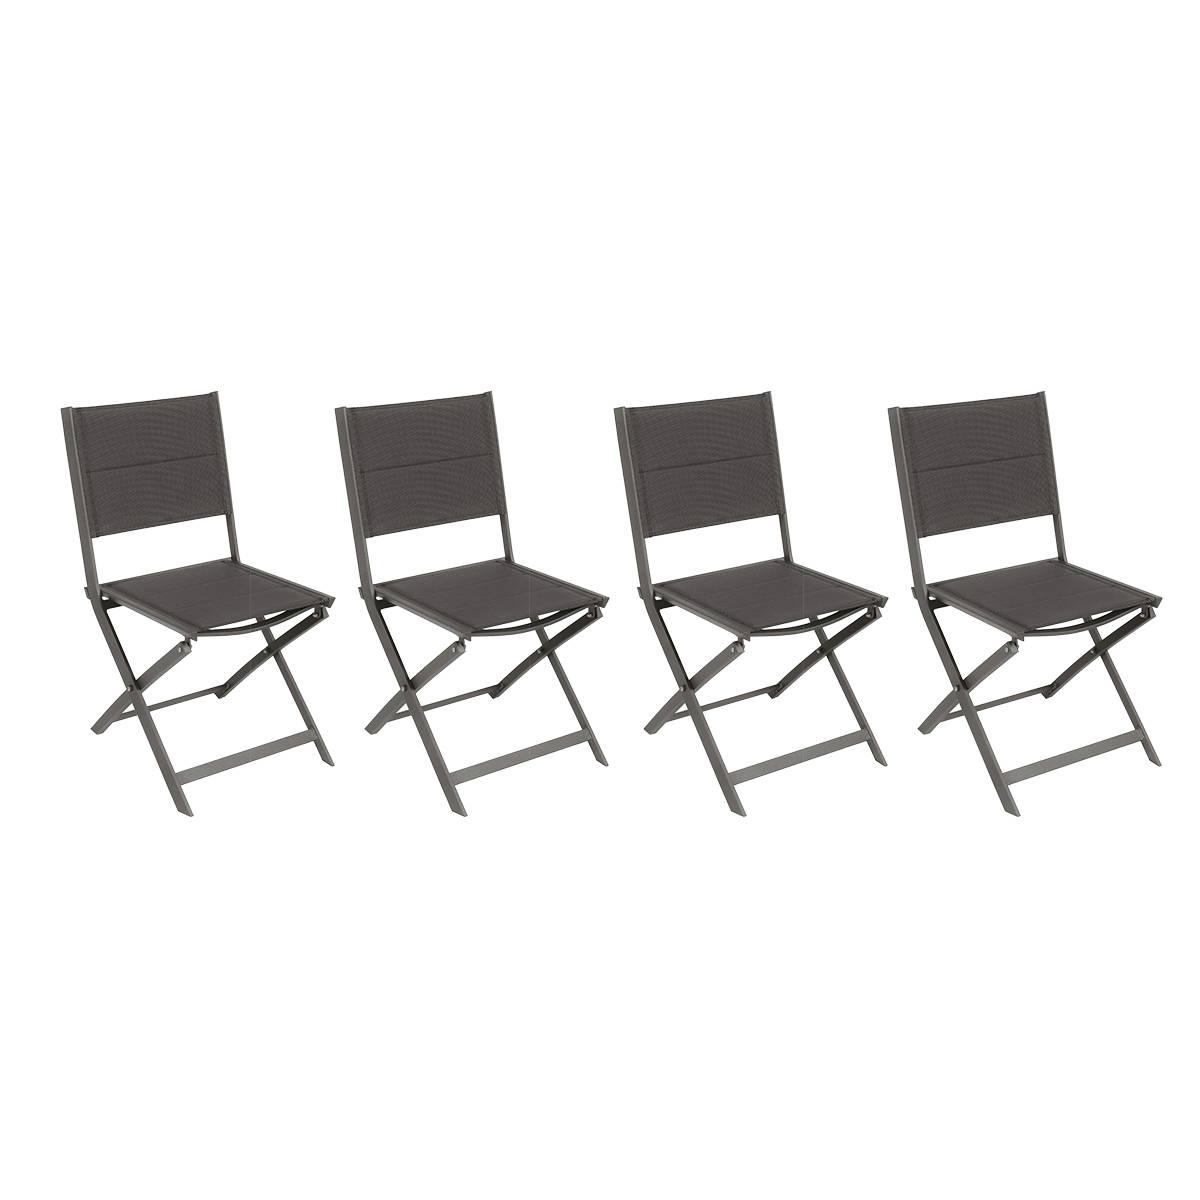 lot de 4 chaises de jardin pliantes allure speculoos praline hesperide com